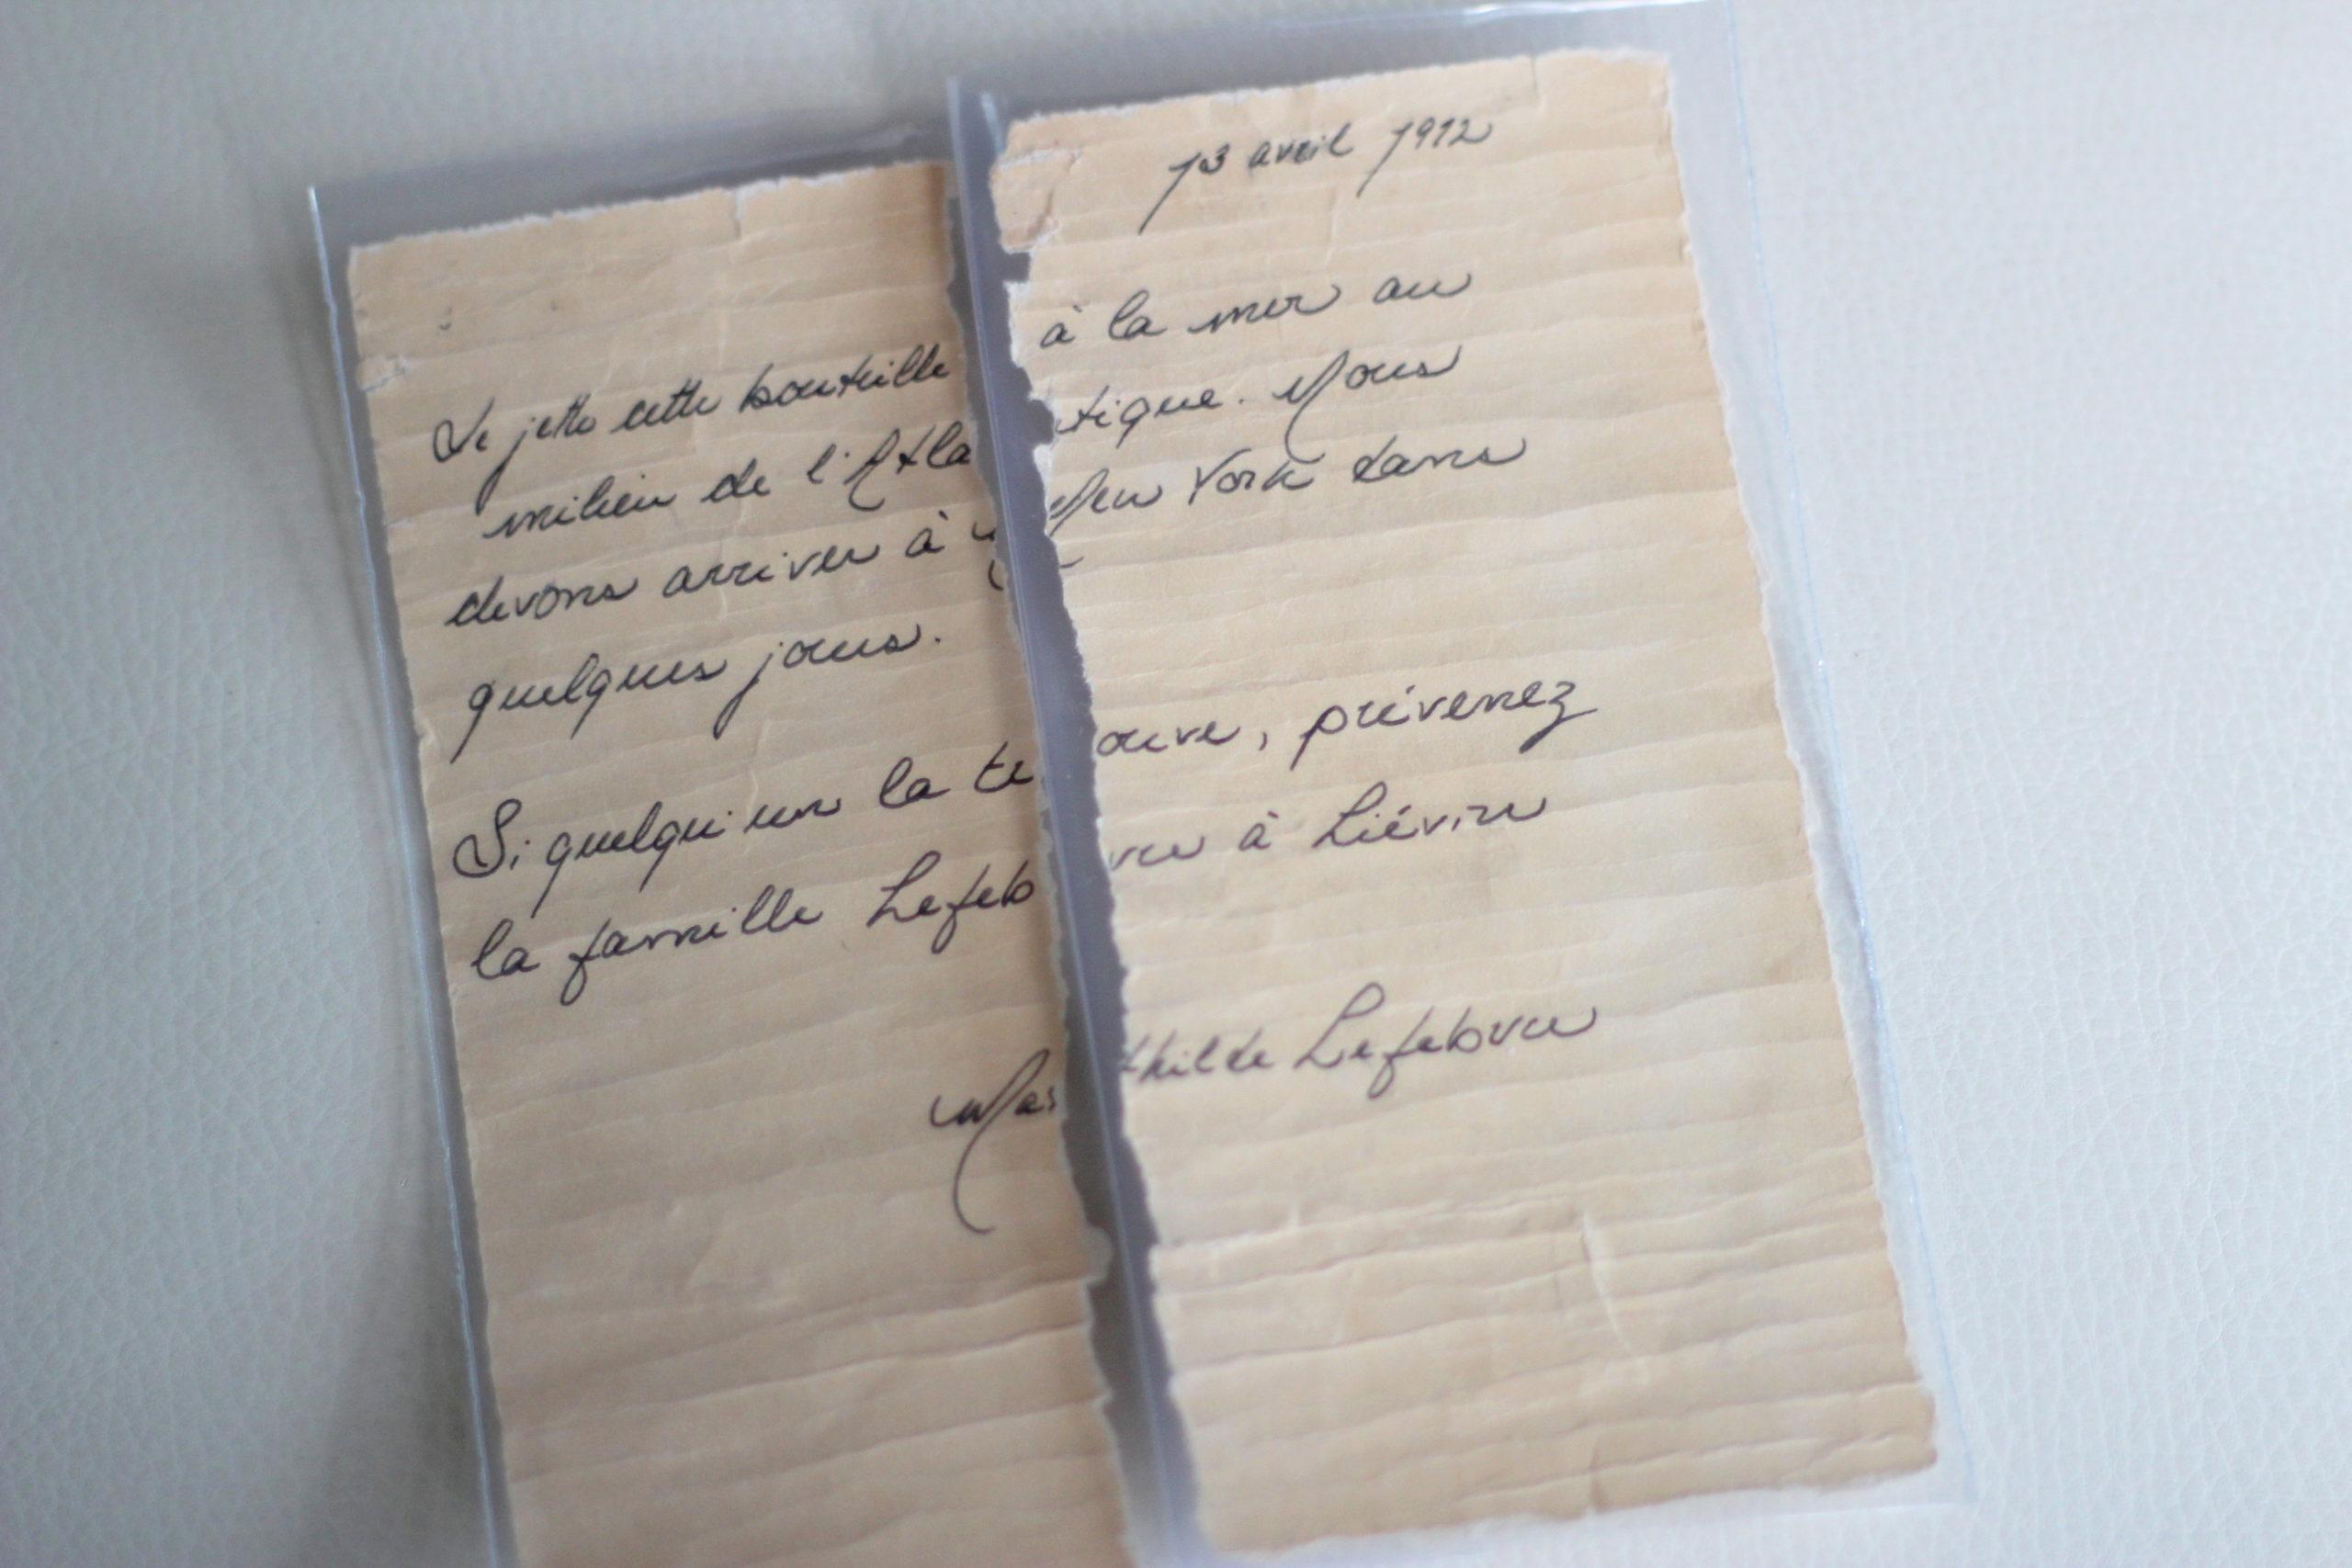 Une lettre découverte dans la baie de Fundy passionne les chercheurs